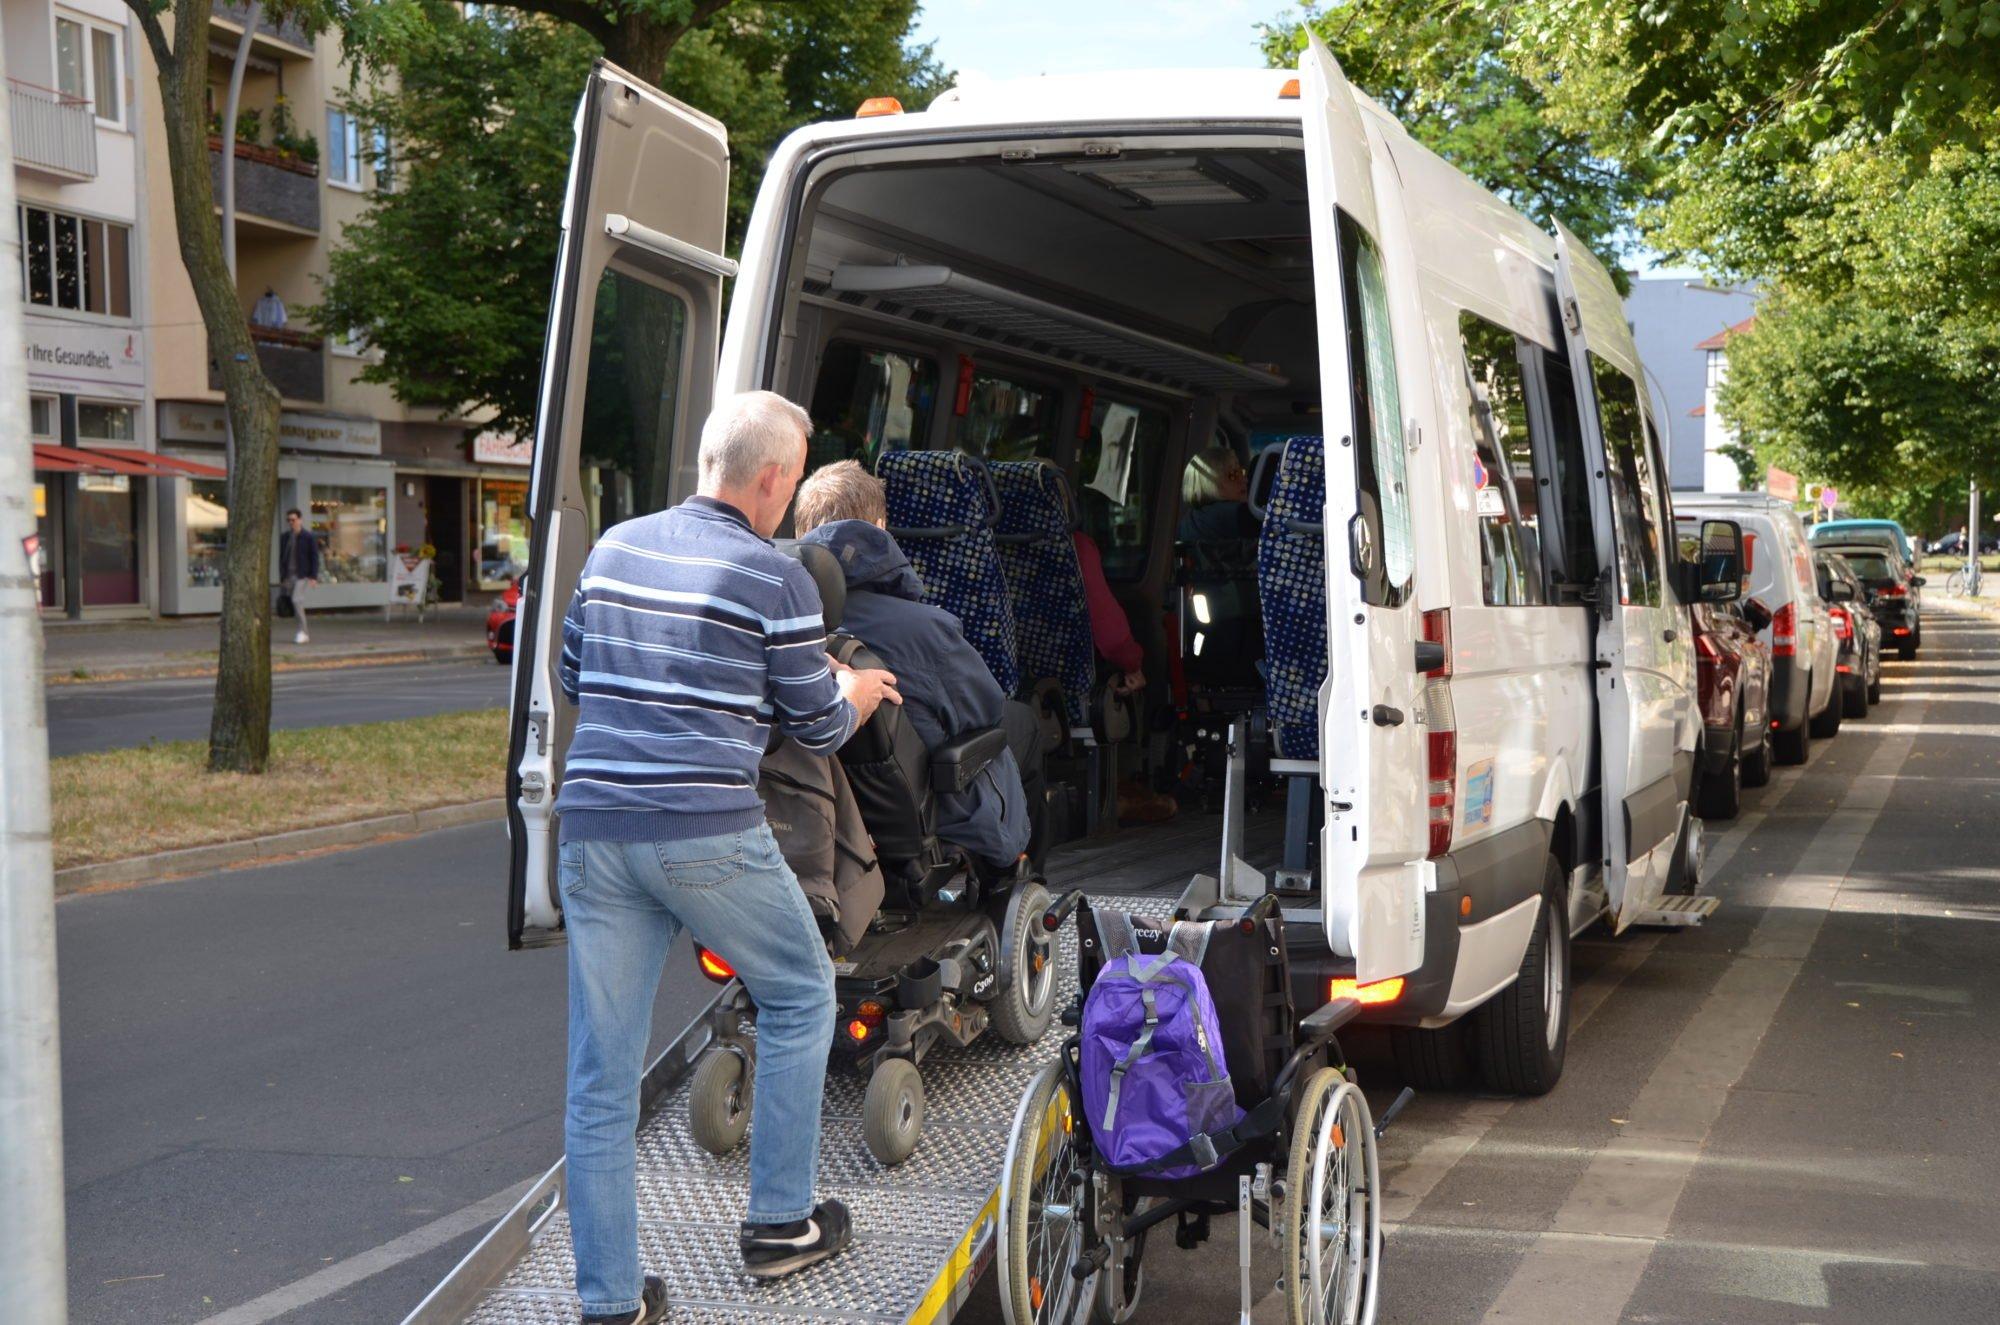 Von hinten fotografiert: ein Mann hilft einem Mann im E-Rollstuhl die Rampe in einen Sprinter-Bus hinein,